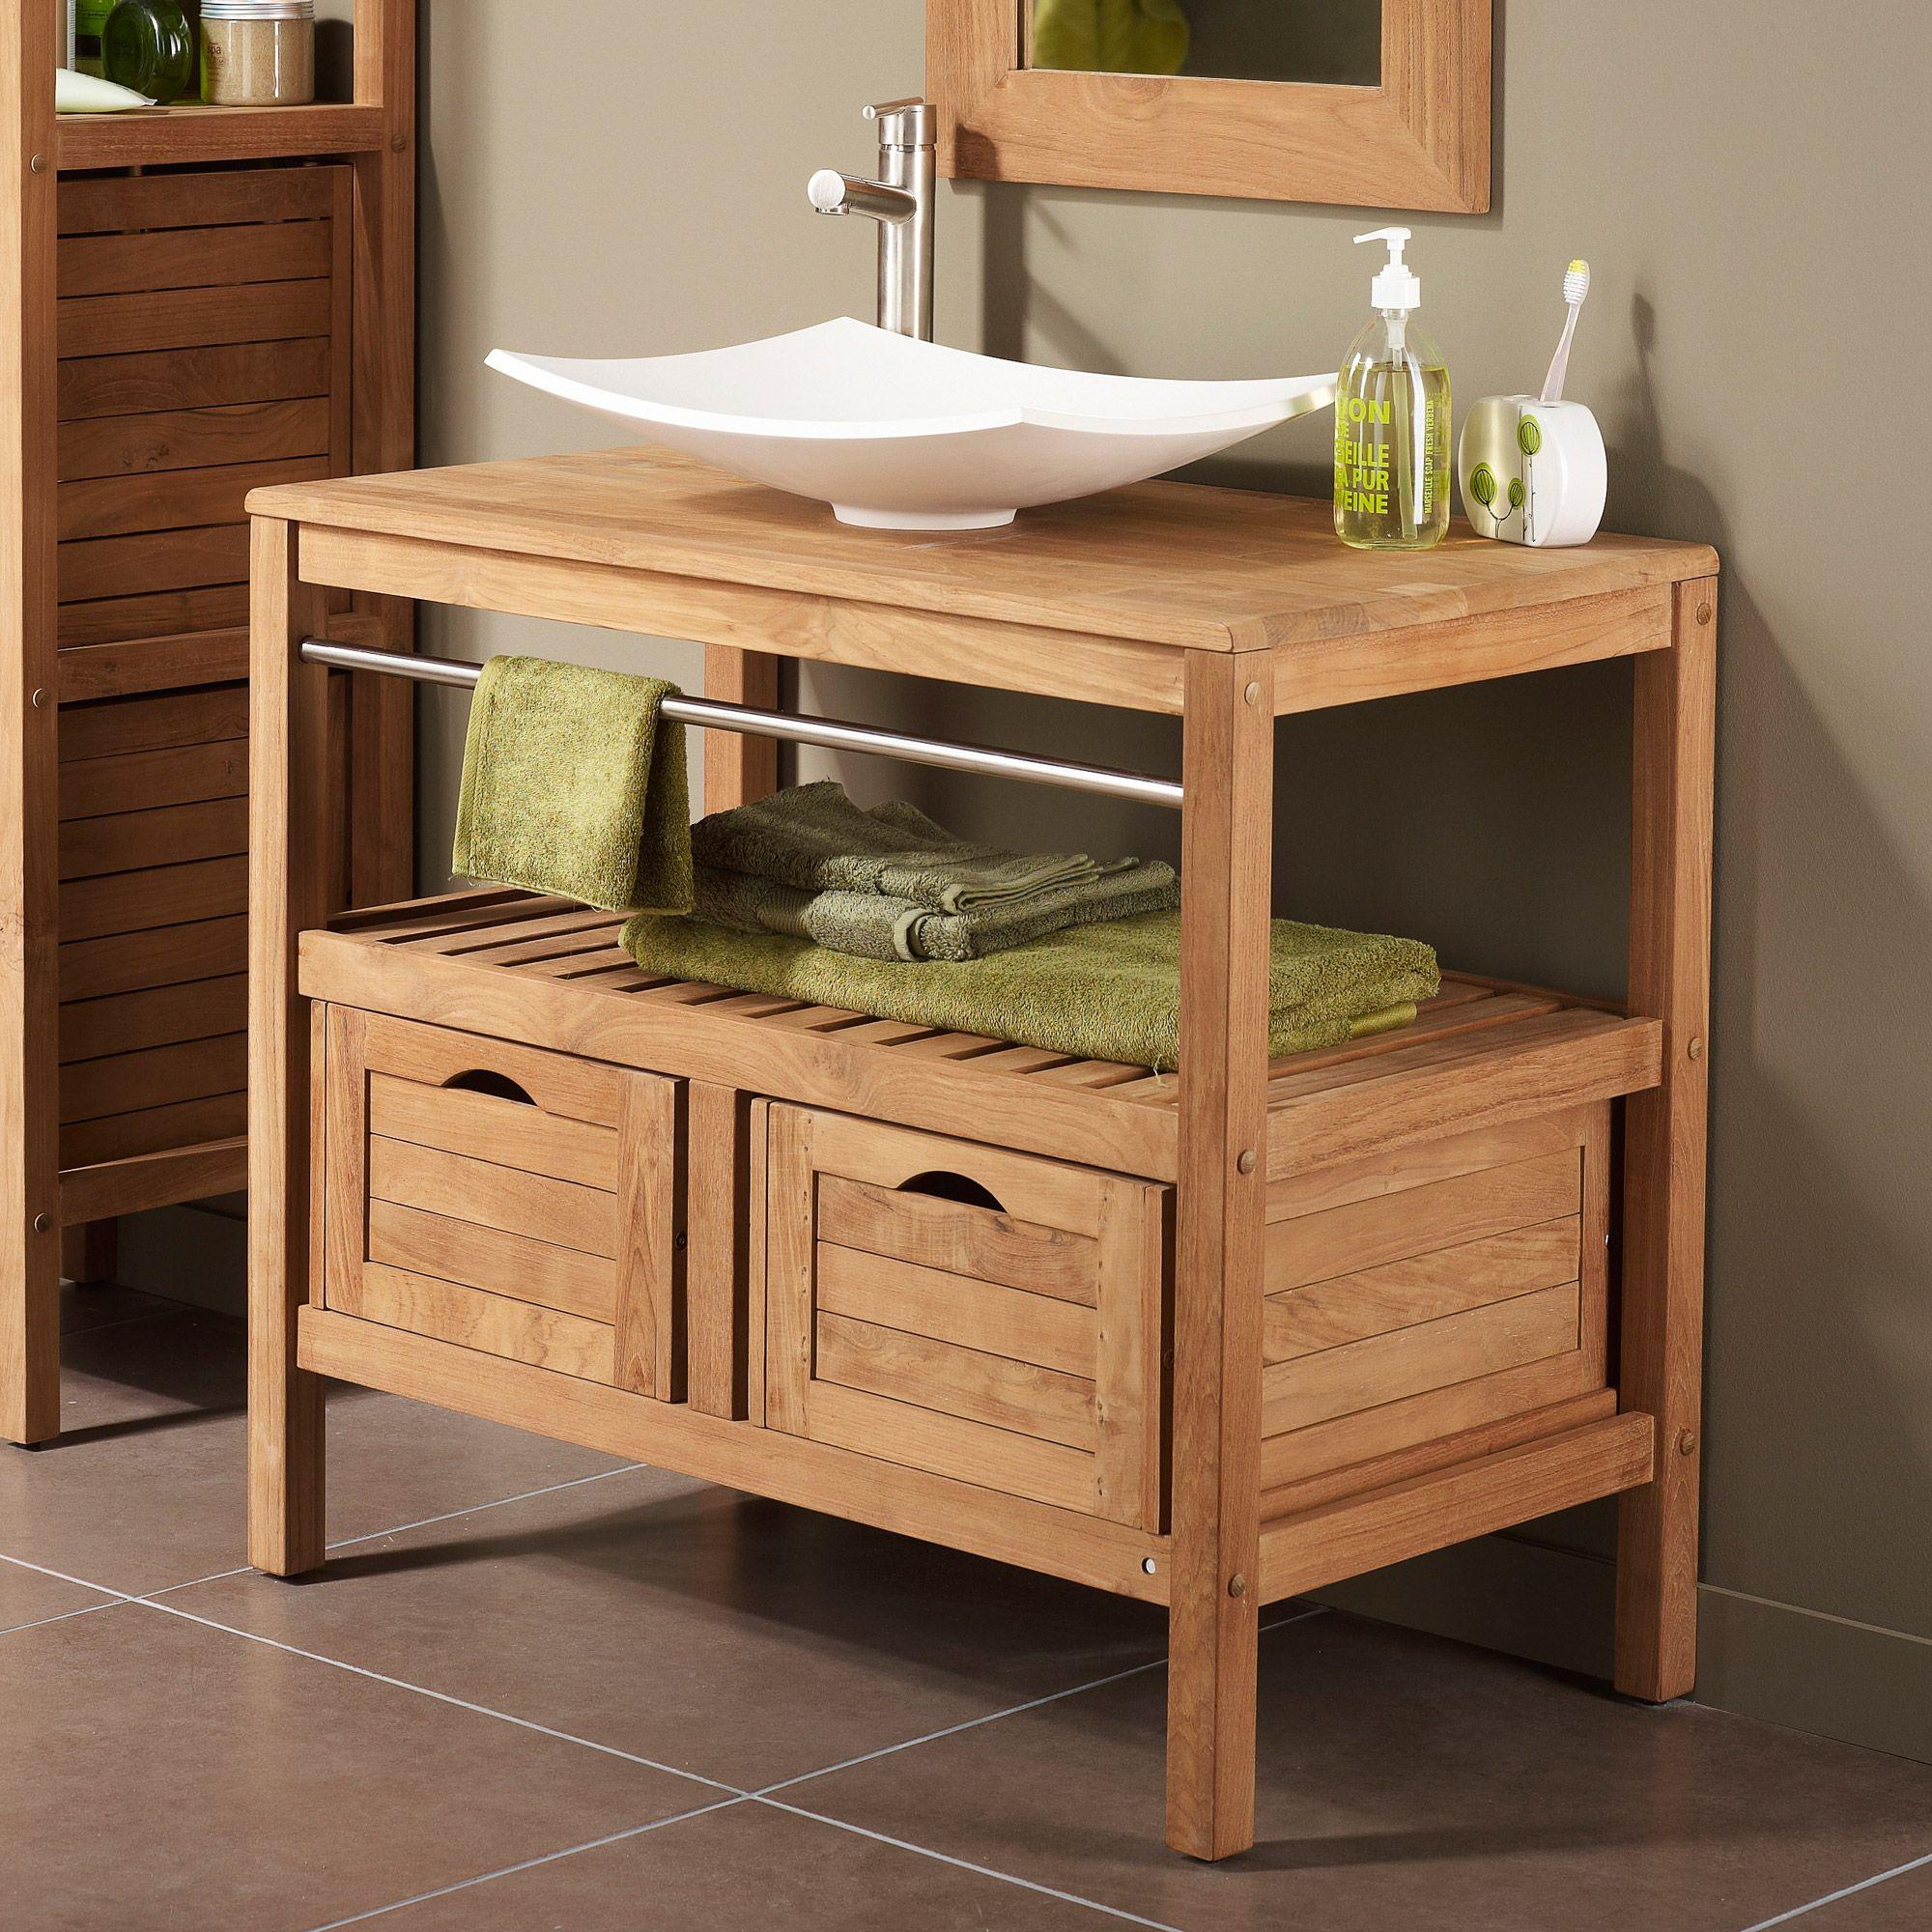 Meuble sous vasque avec plan 2 tiroirs salles de bain - Meuble vasque salle de bain brico depot ...